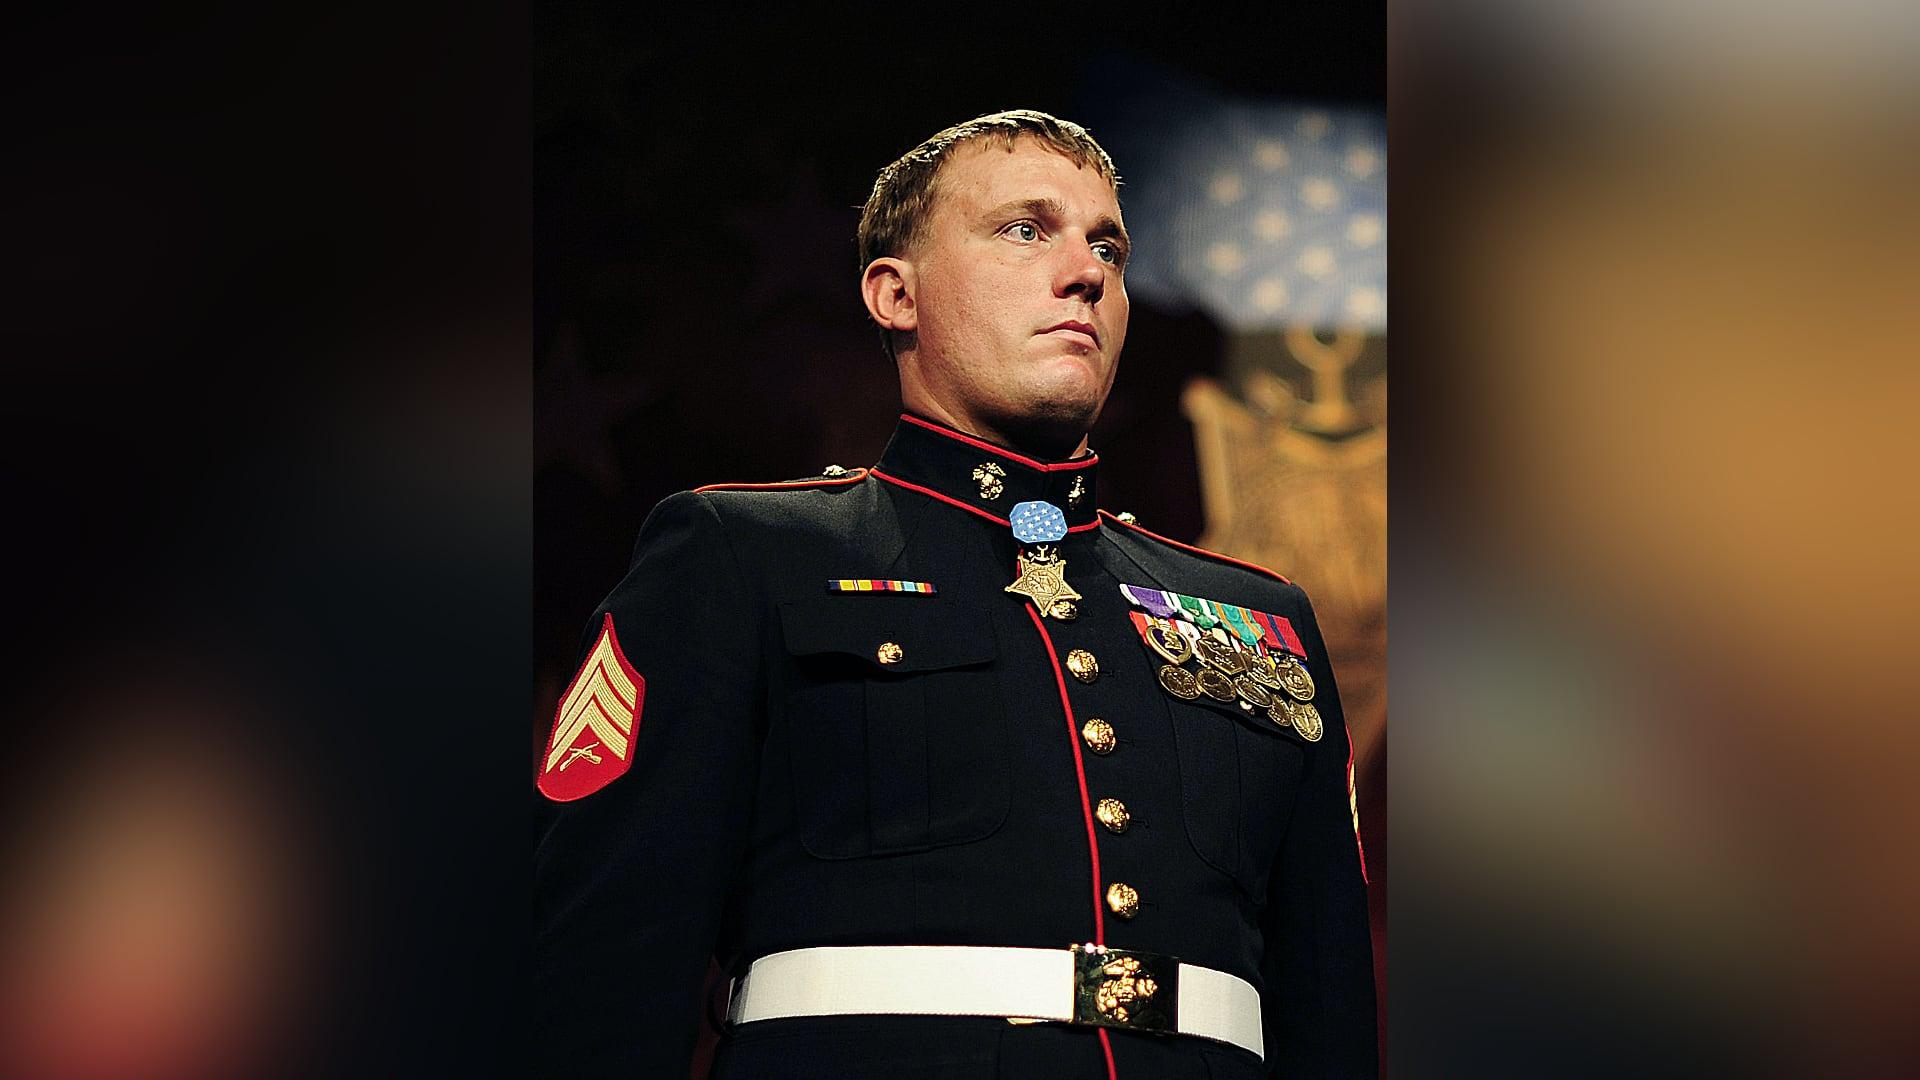 Dia dos Veteranos com medalha de honra para Dakota Meyer